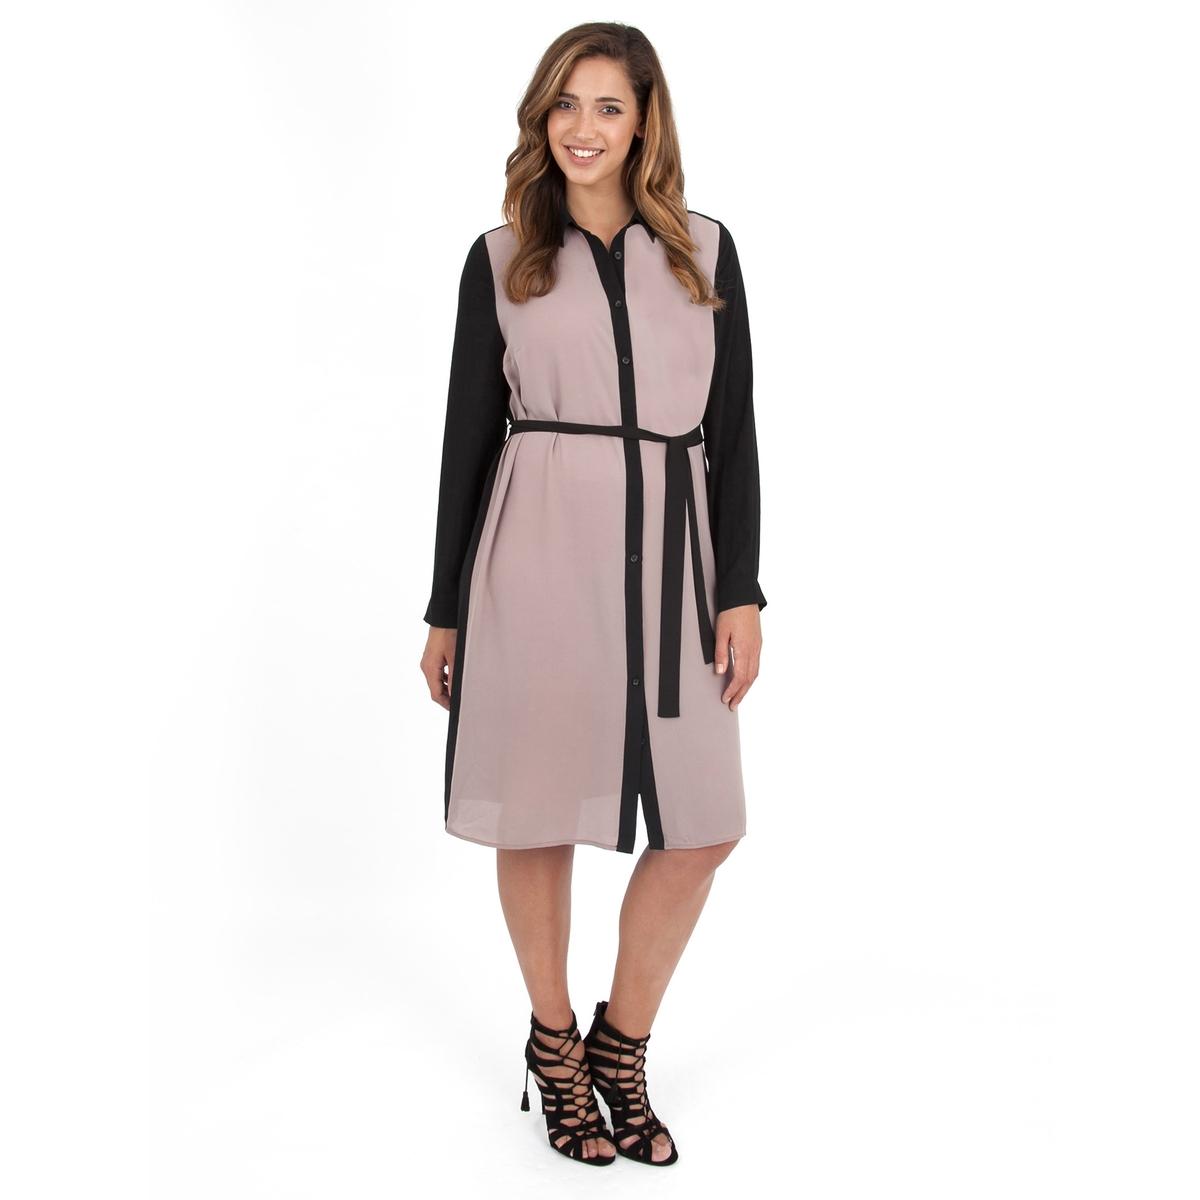 Платье-рубашкаПлатье с длинными рукаавами - LOVEDROBE. Красивое платье-рубашка с ремнем на поясе. Длина ок.104 см. 100% полиэстера.<br><br>Цвет: бежевый/ черный<br>Размер: 50/52 (FR) - 56/58 (RUS).48 (FR) - 54 (RUS)